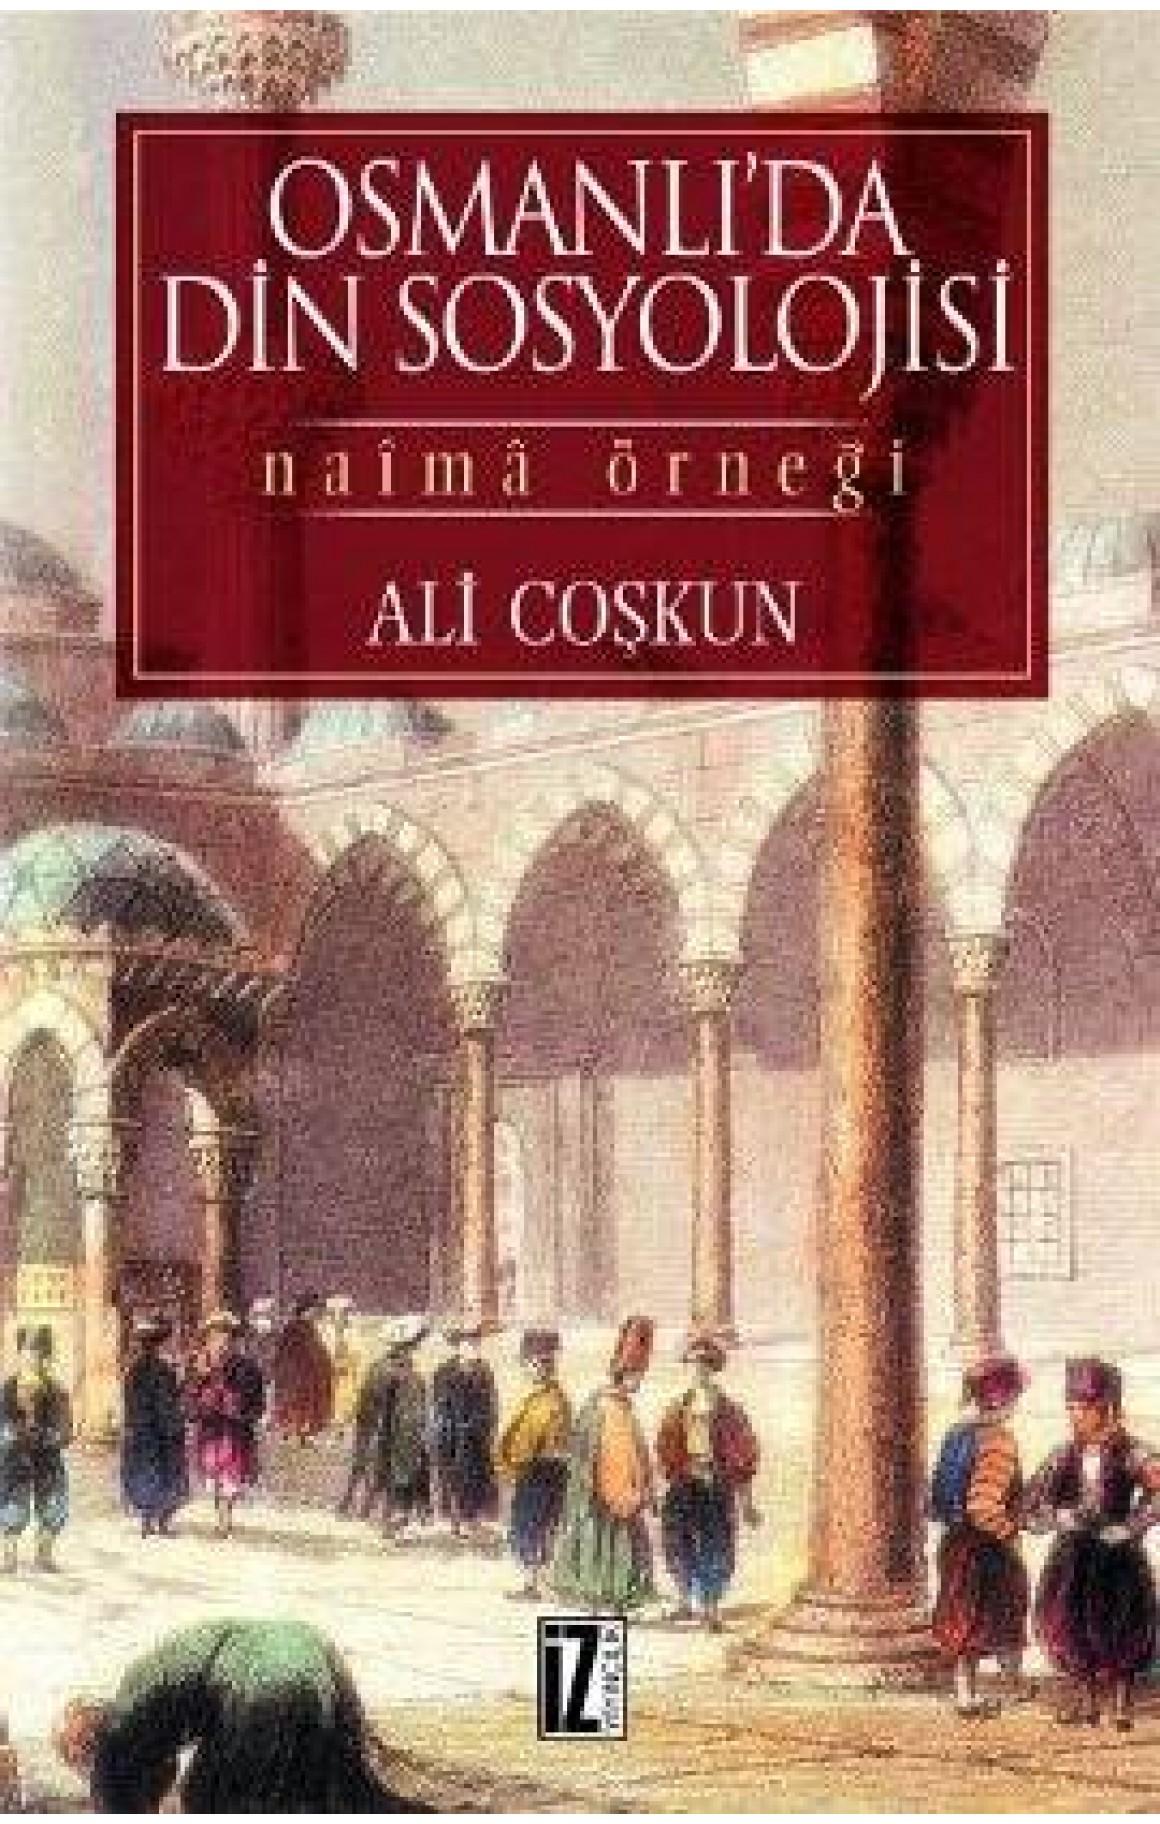 Osmanlı'da Din Sosyolojisi Naima Örneği